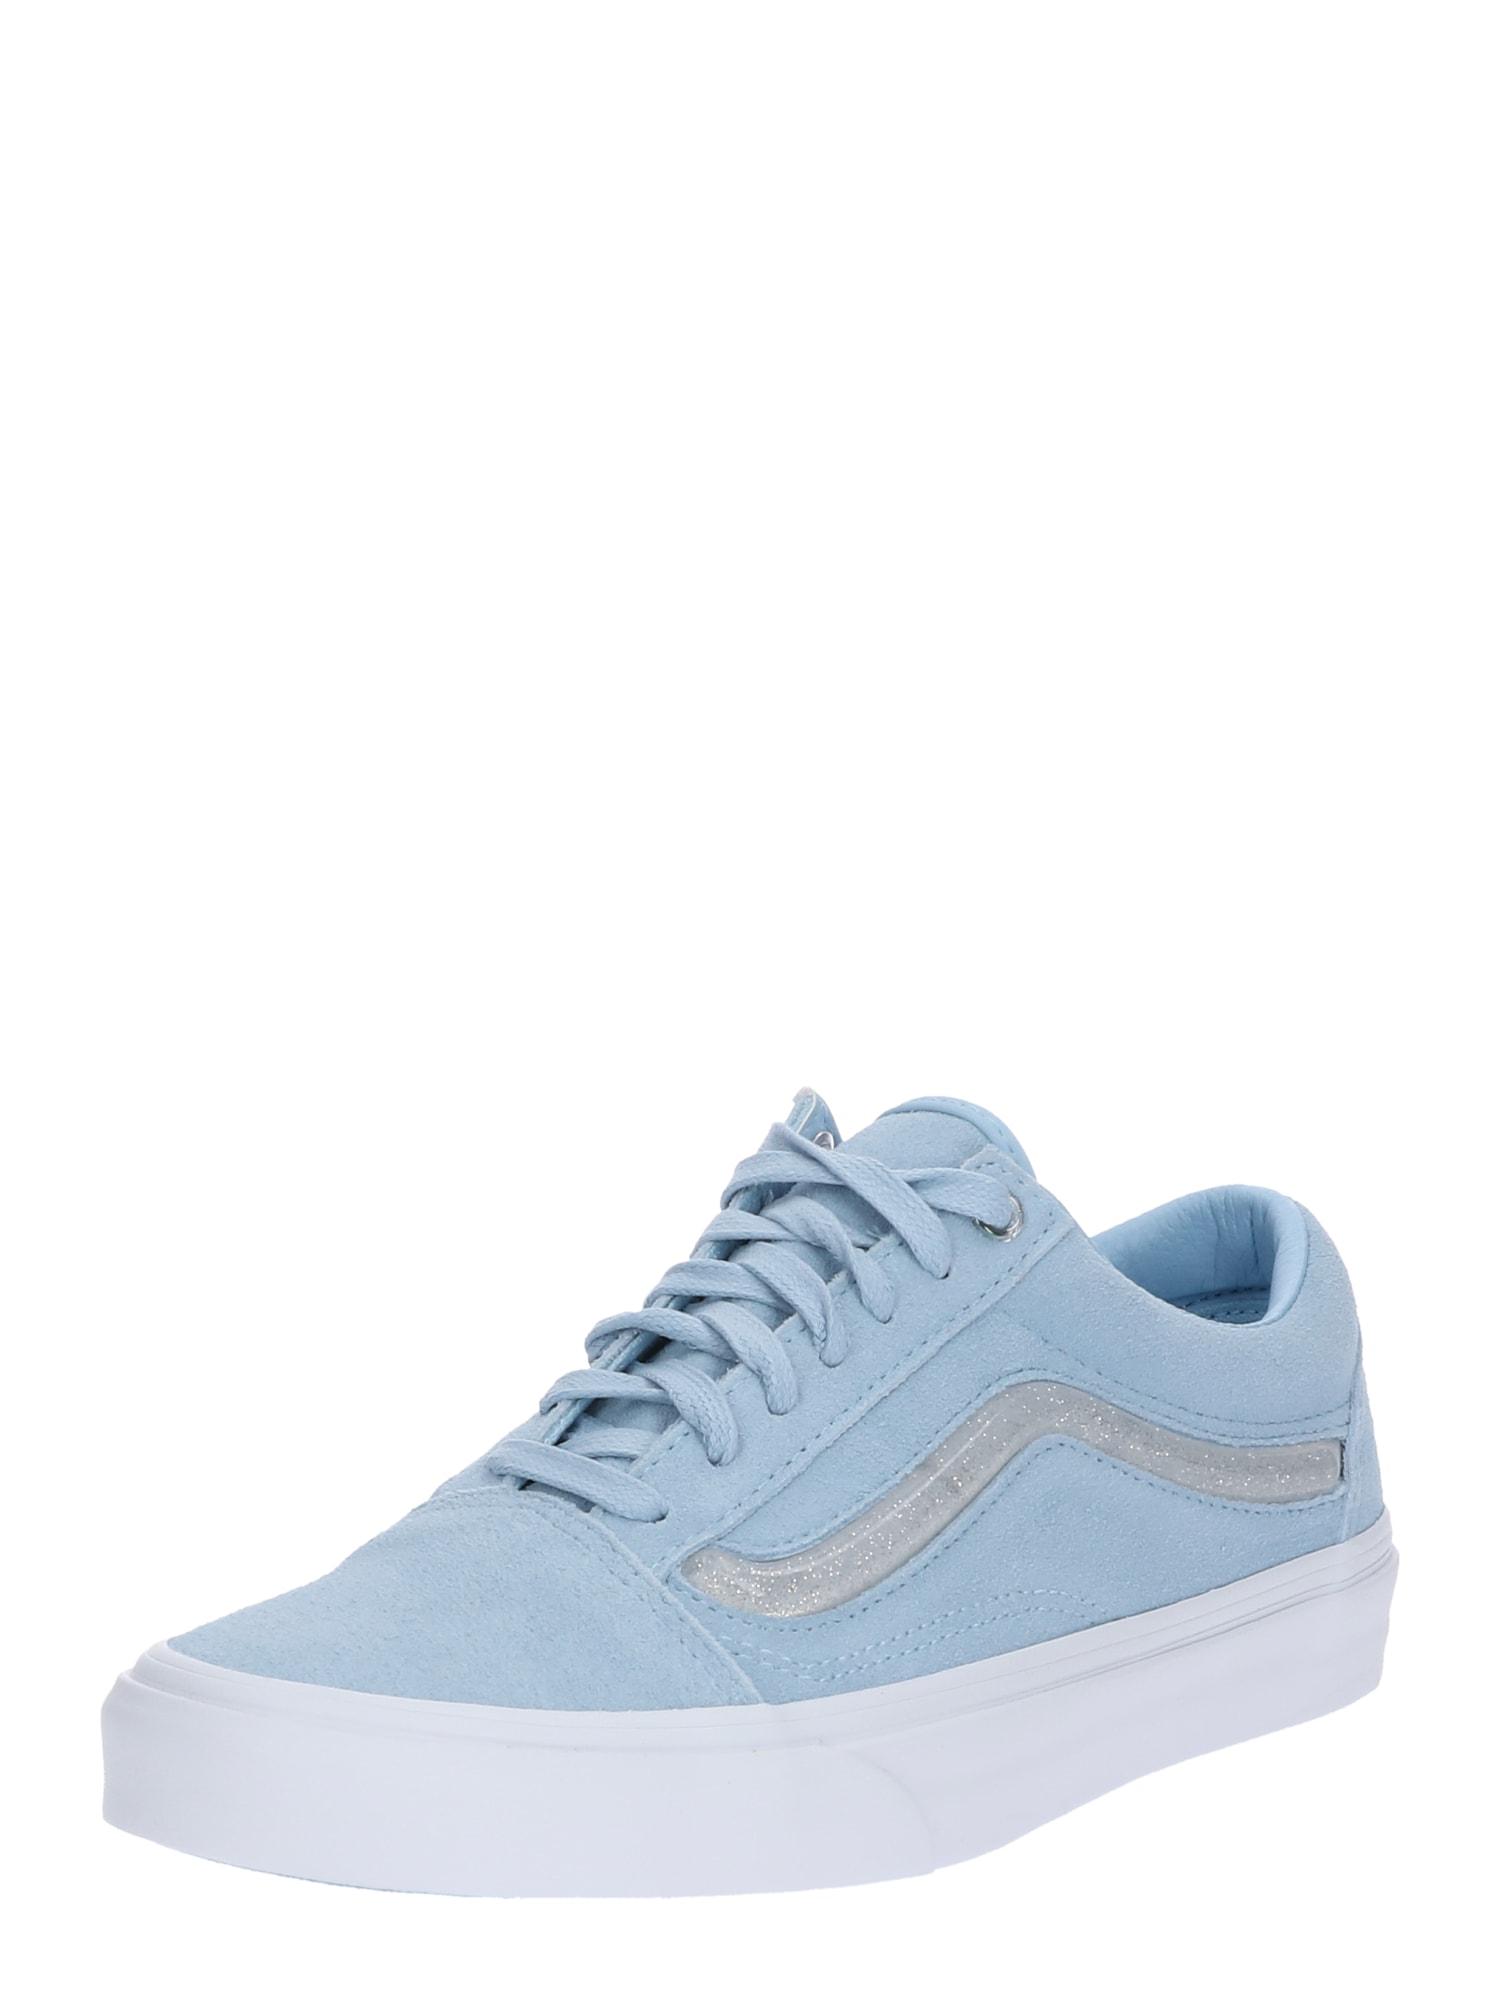 VANS, Dames Sneakers laag 'Old Skool', lichtblauw